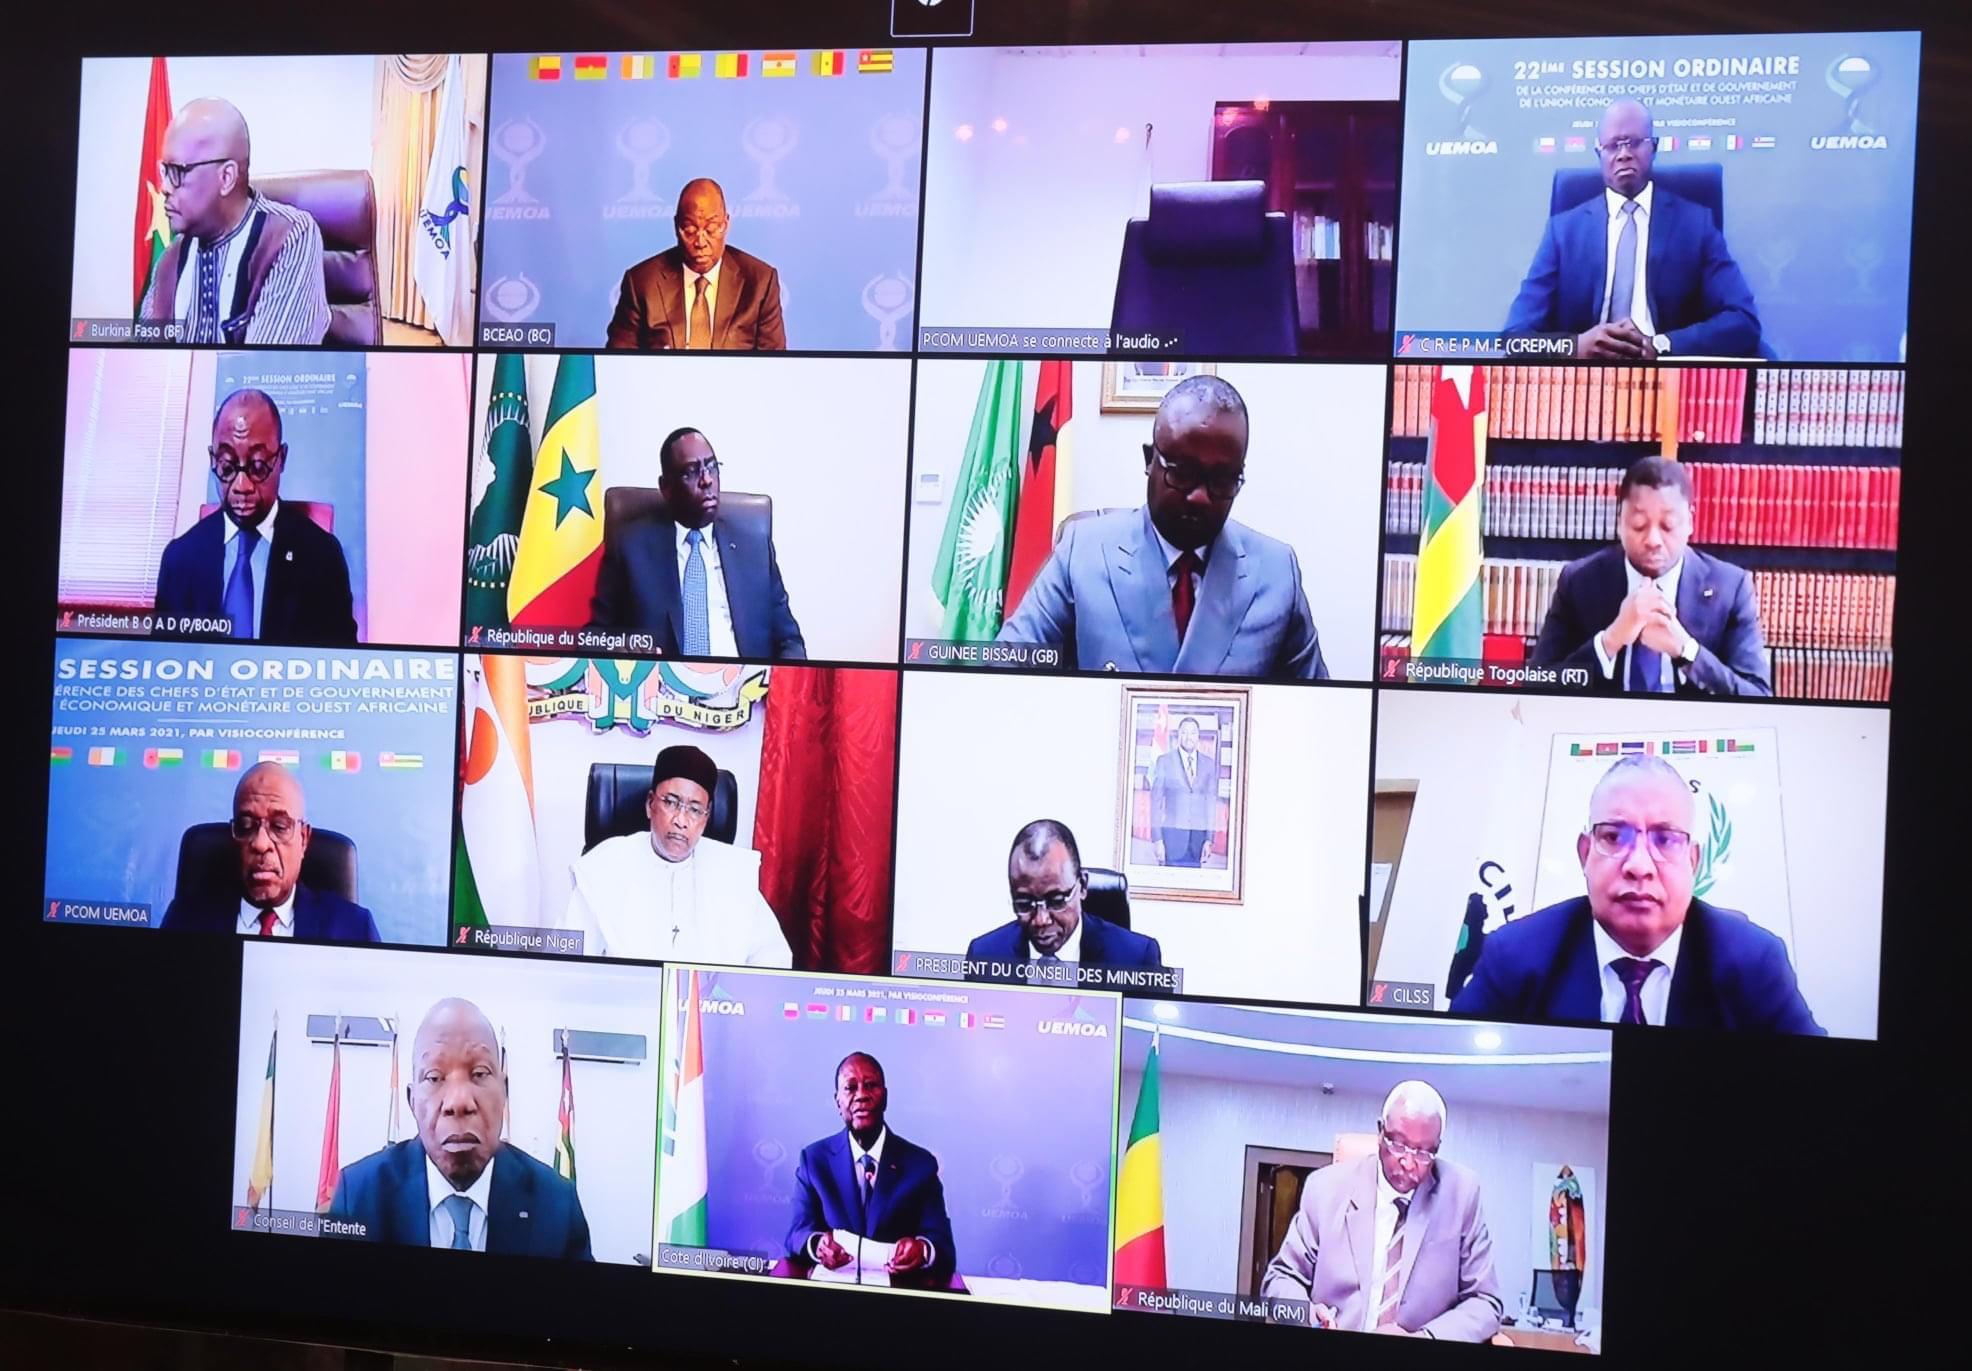 Lutte contre le terrorisme : la conférence des chefs d'État de l'Uemoa octroie 2 milliards au G5 Sahel.